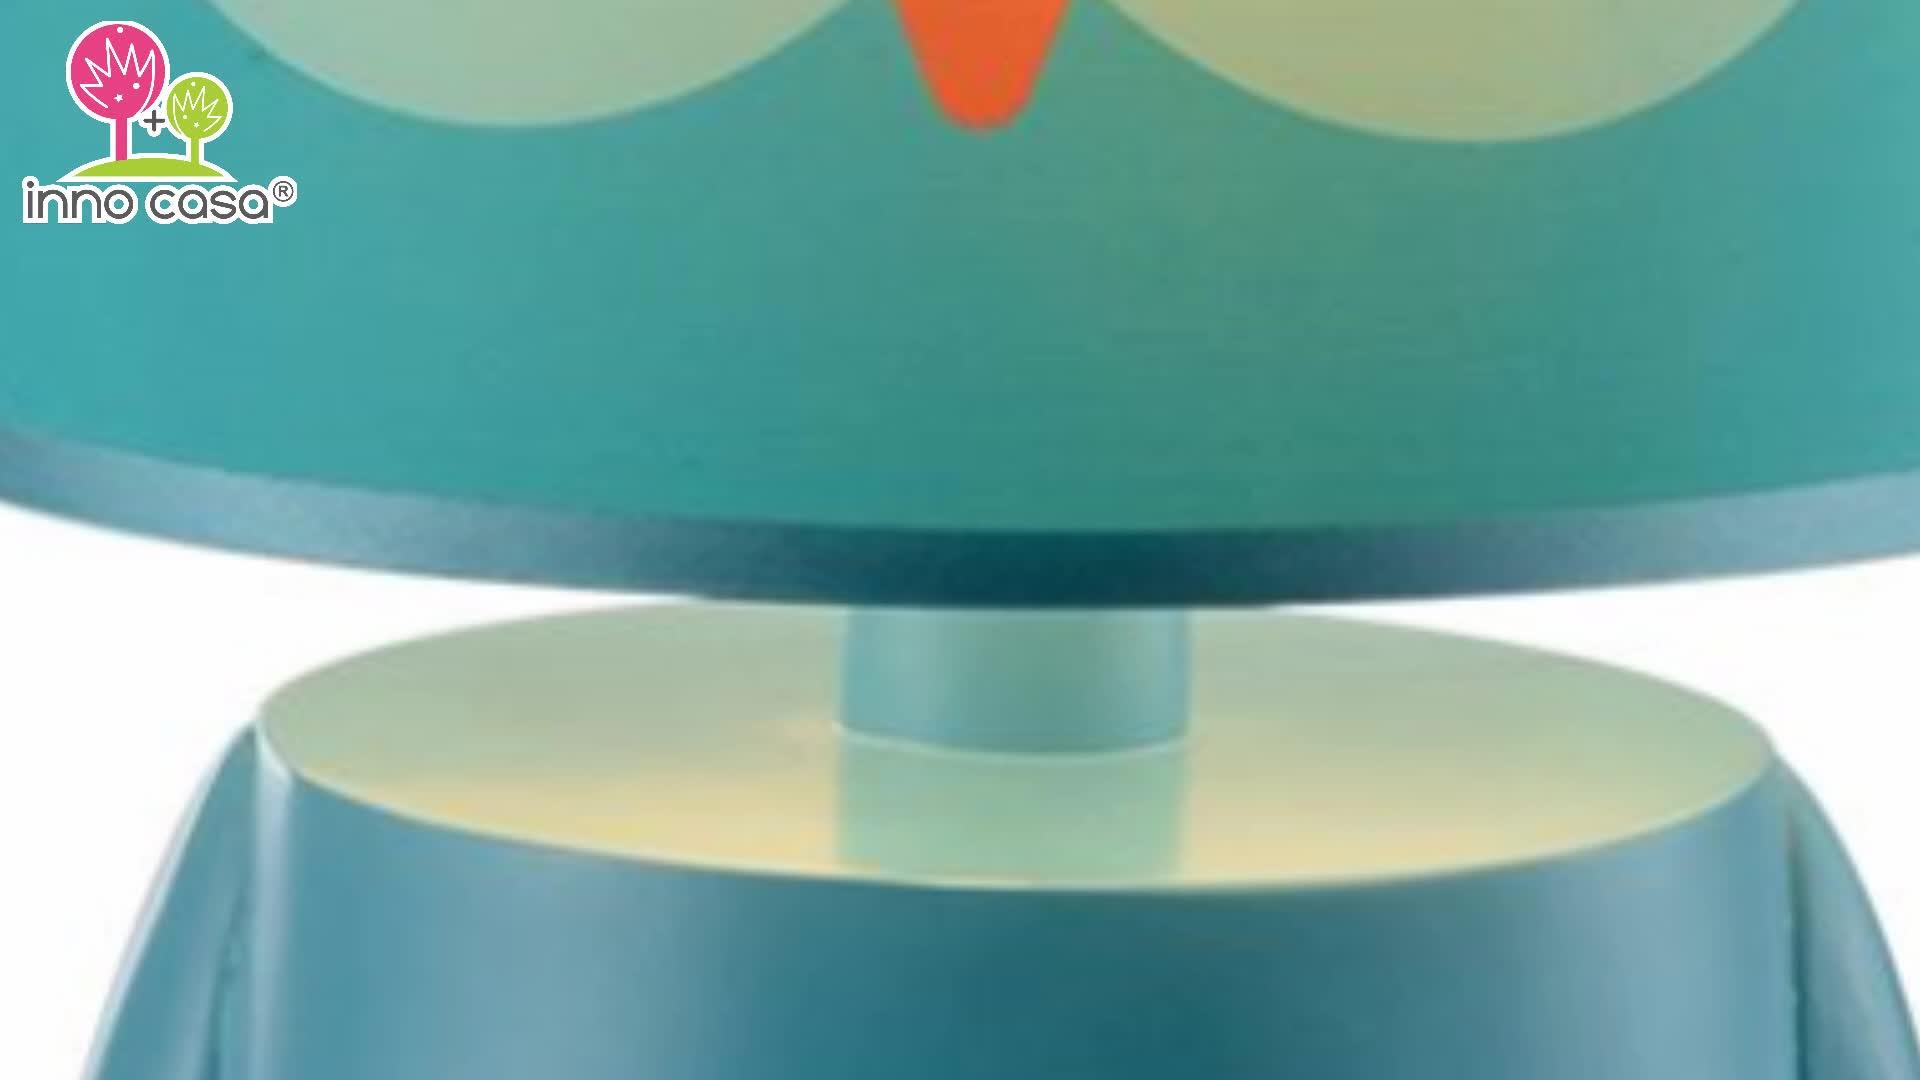 Advanced 3d Vivid аниме лошадь для девочек Дети Любовь Творческий Настольная лампа